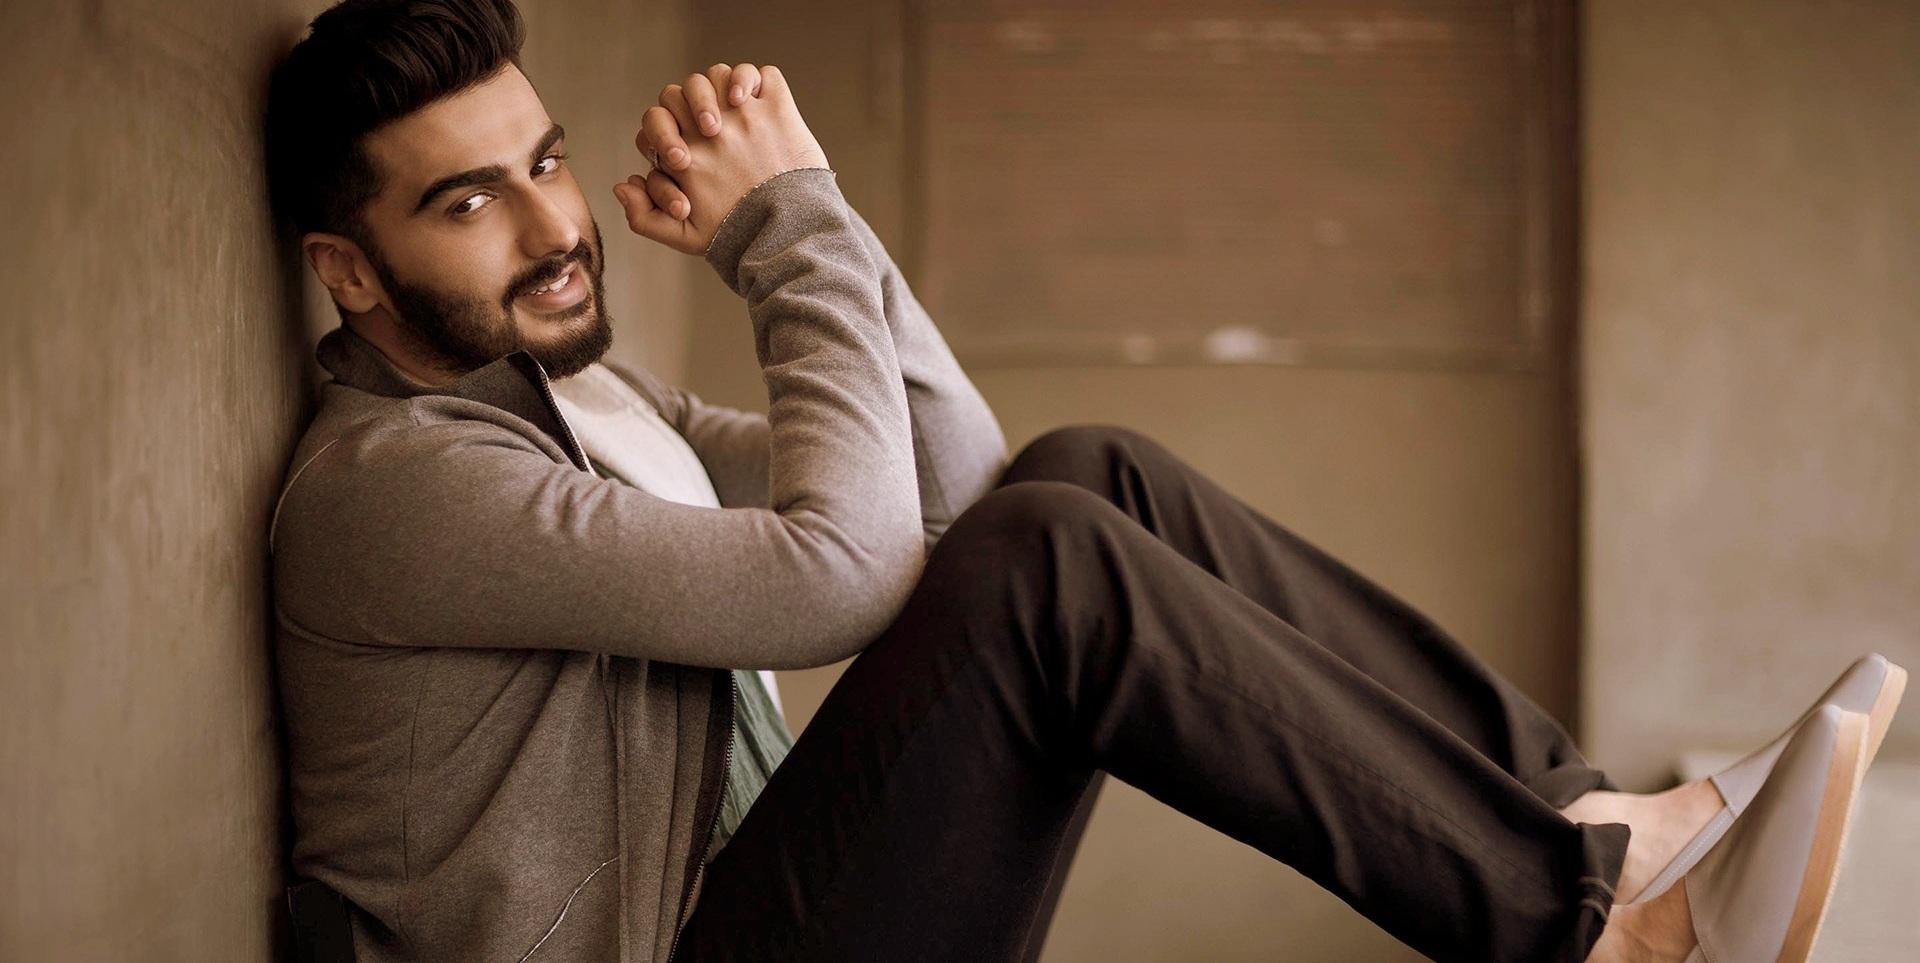 Dibakar Banerjee on Arjun Kapoor's wish list 'for long'!